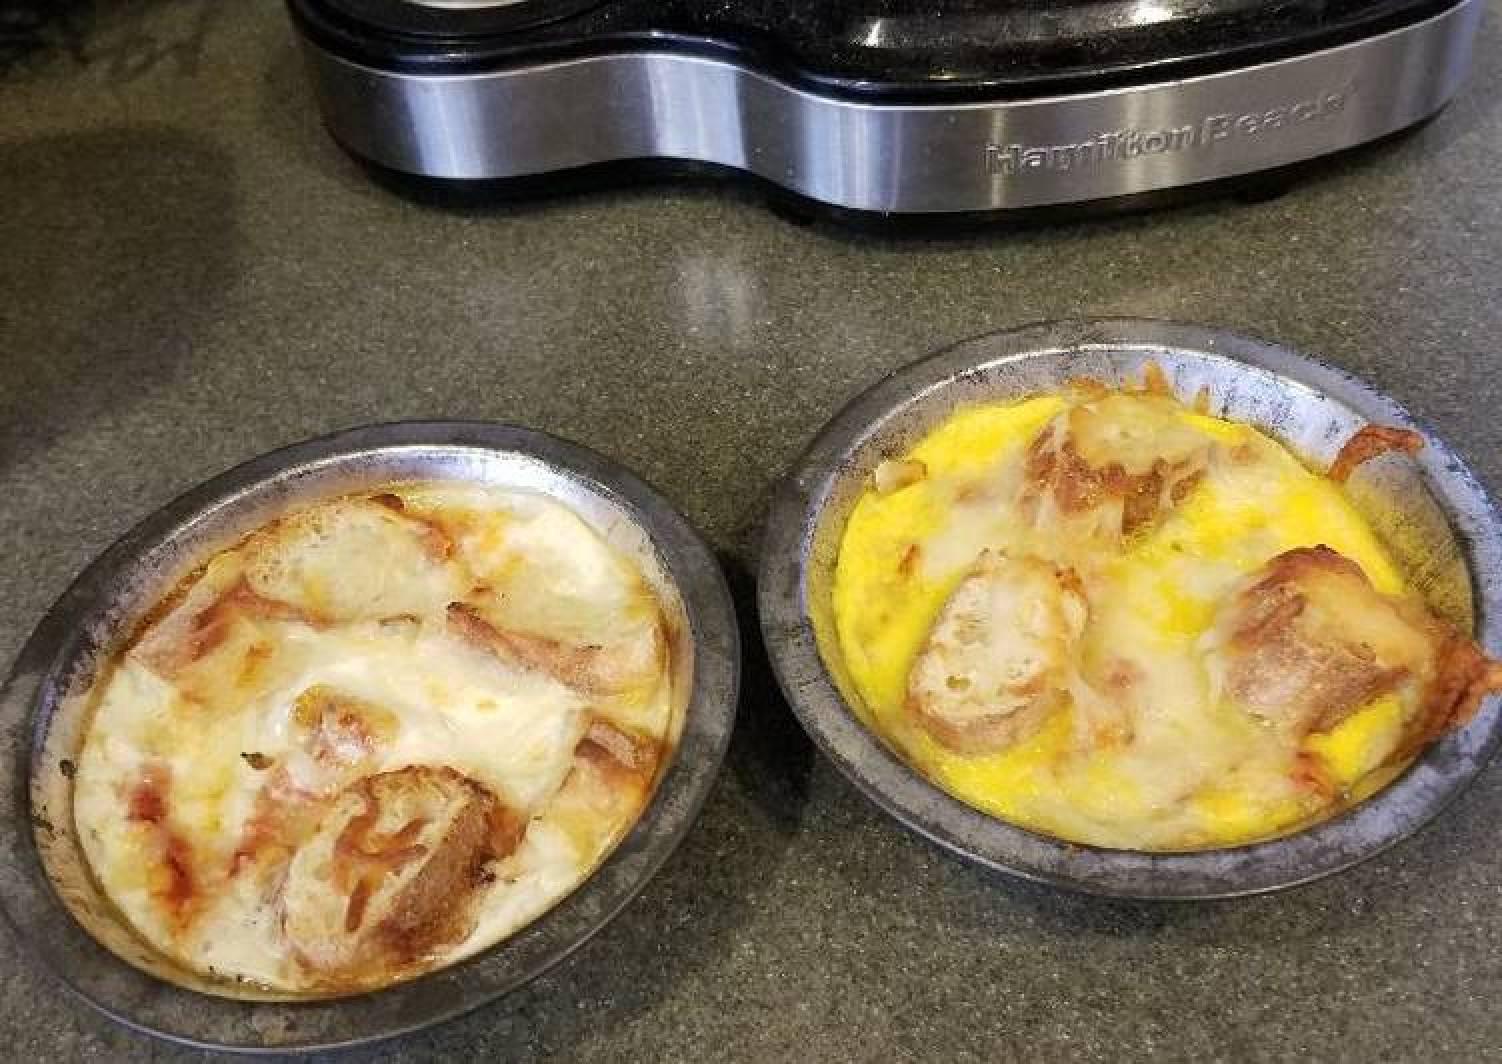 Pizza Casserole Mini-Pies